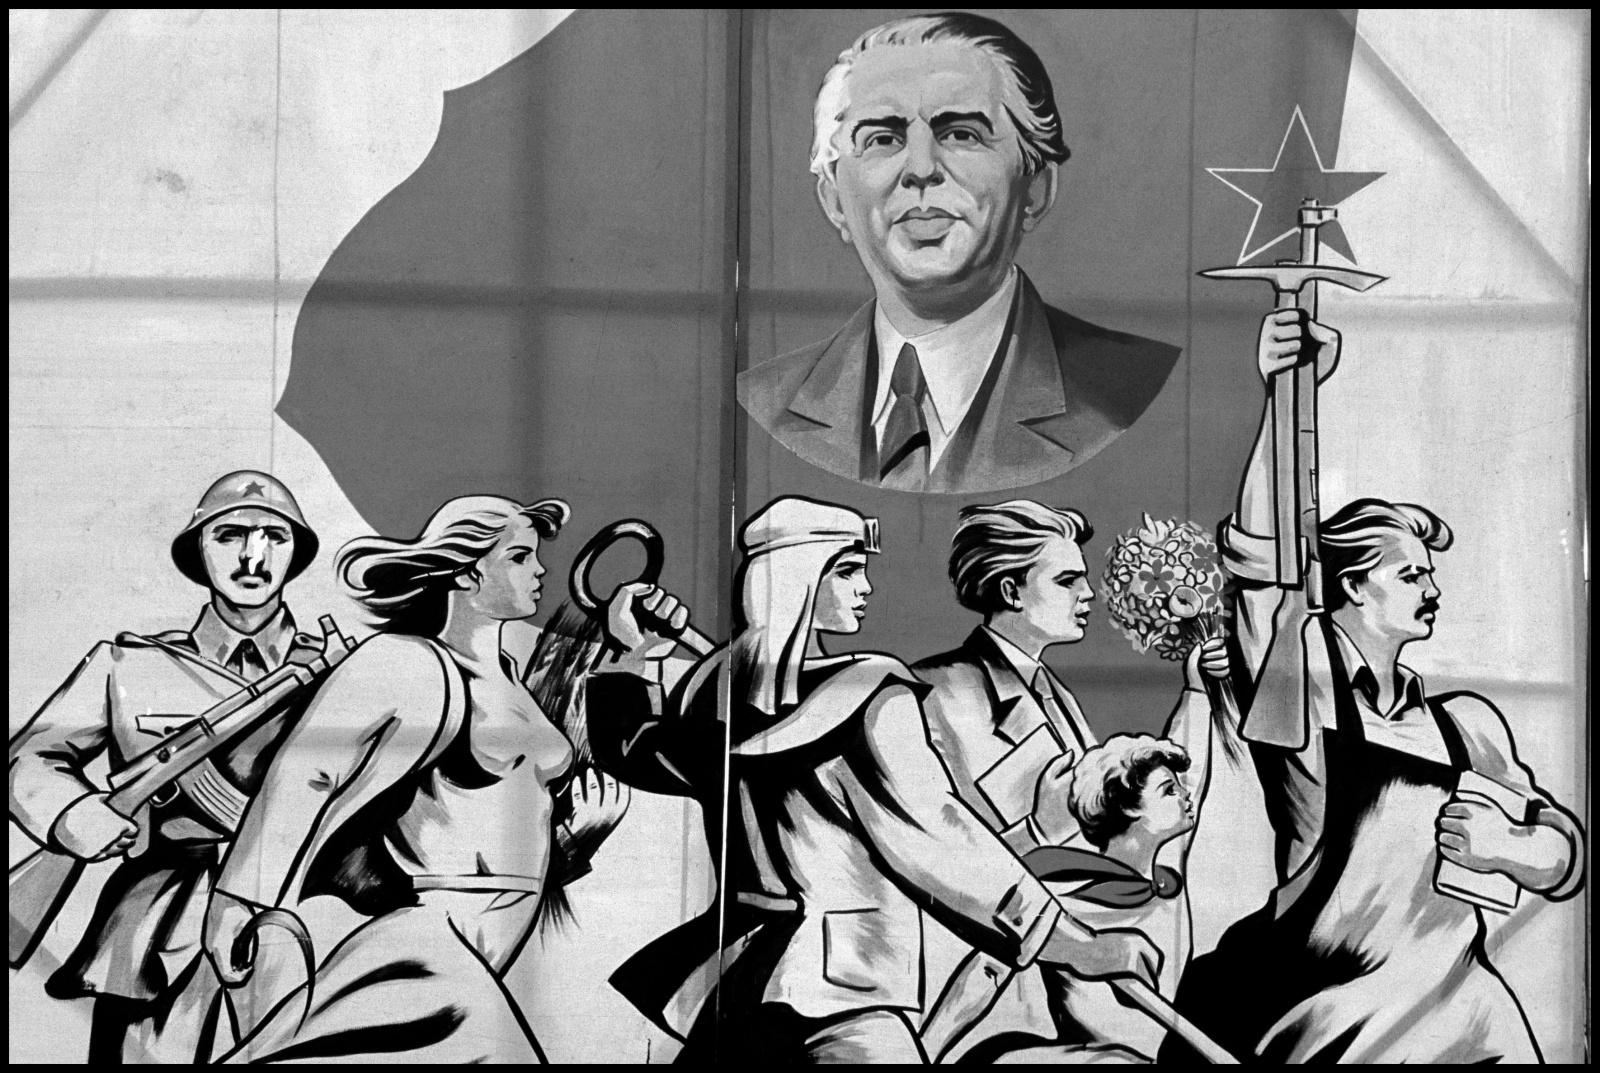 Albania 1989, il paese delle aquile, chiusa al mondo occidentale per quarantacinque anni fino alla caduta ufficiale del regime comunista nel febbraio del 1991.  Un cartellone a Tirana inneggiante a Enver Hoxha  e al Partito Comunista